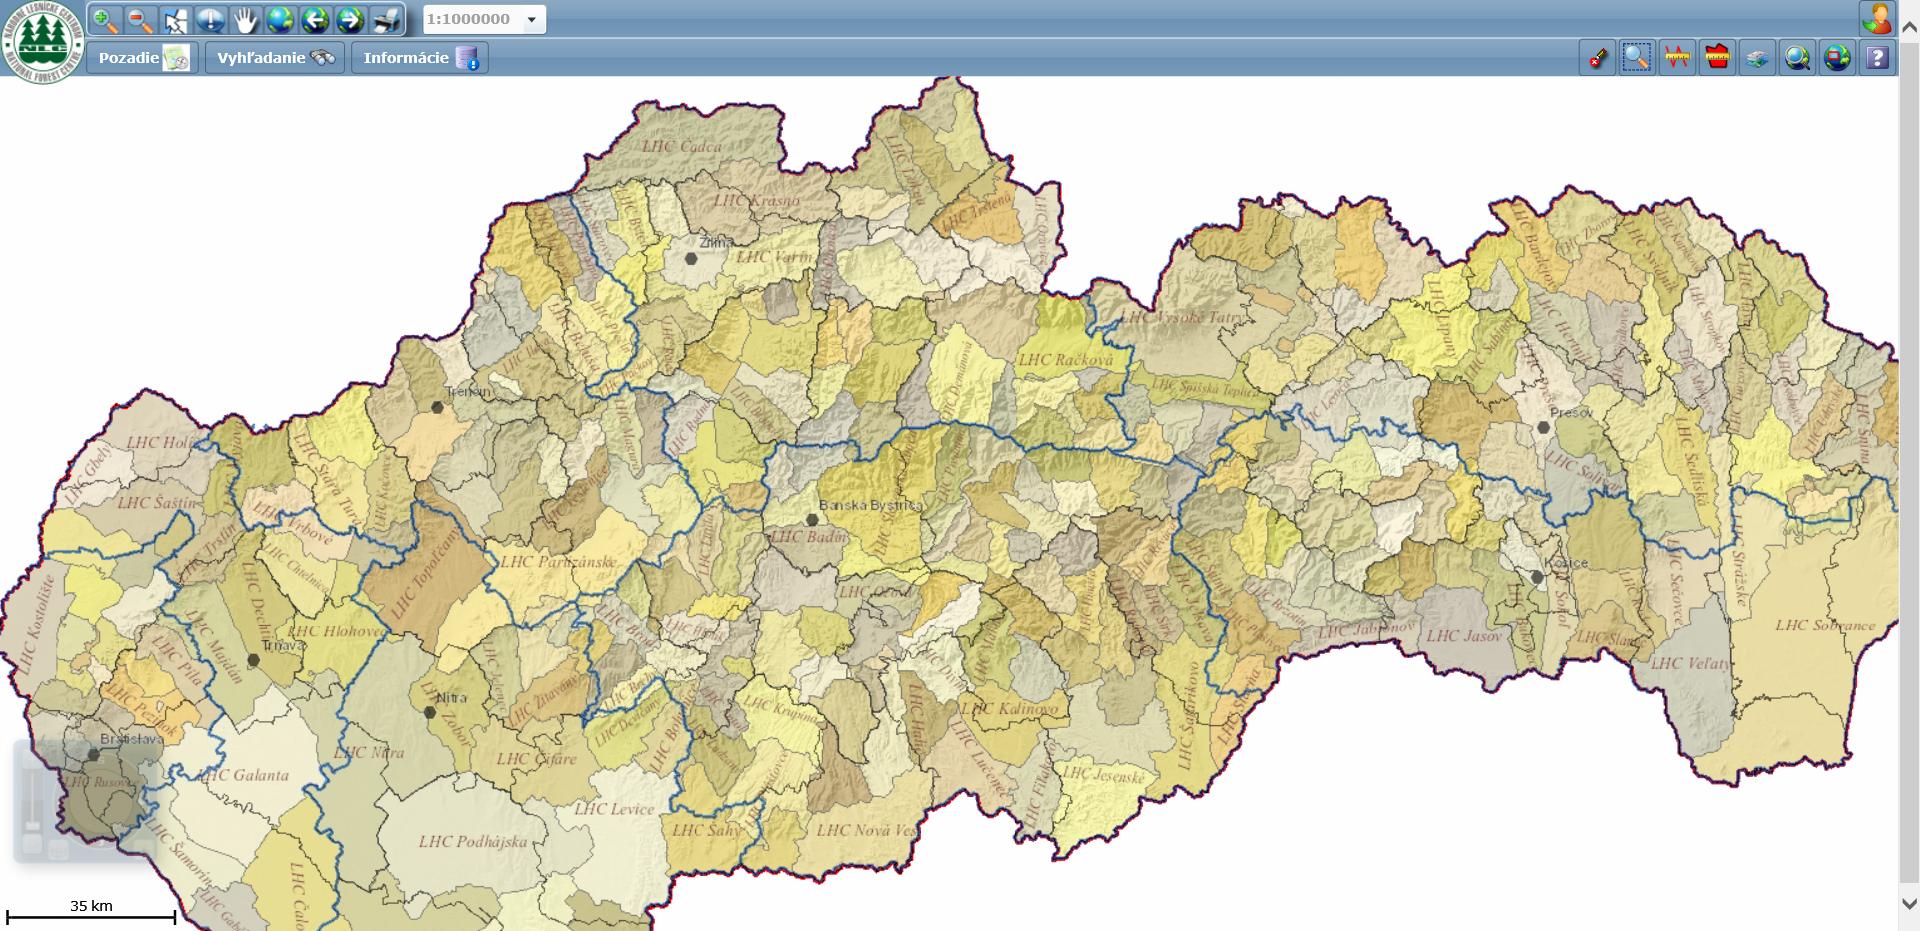 Lesnícky geografický informačný systém